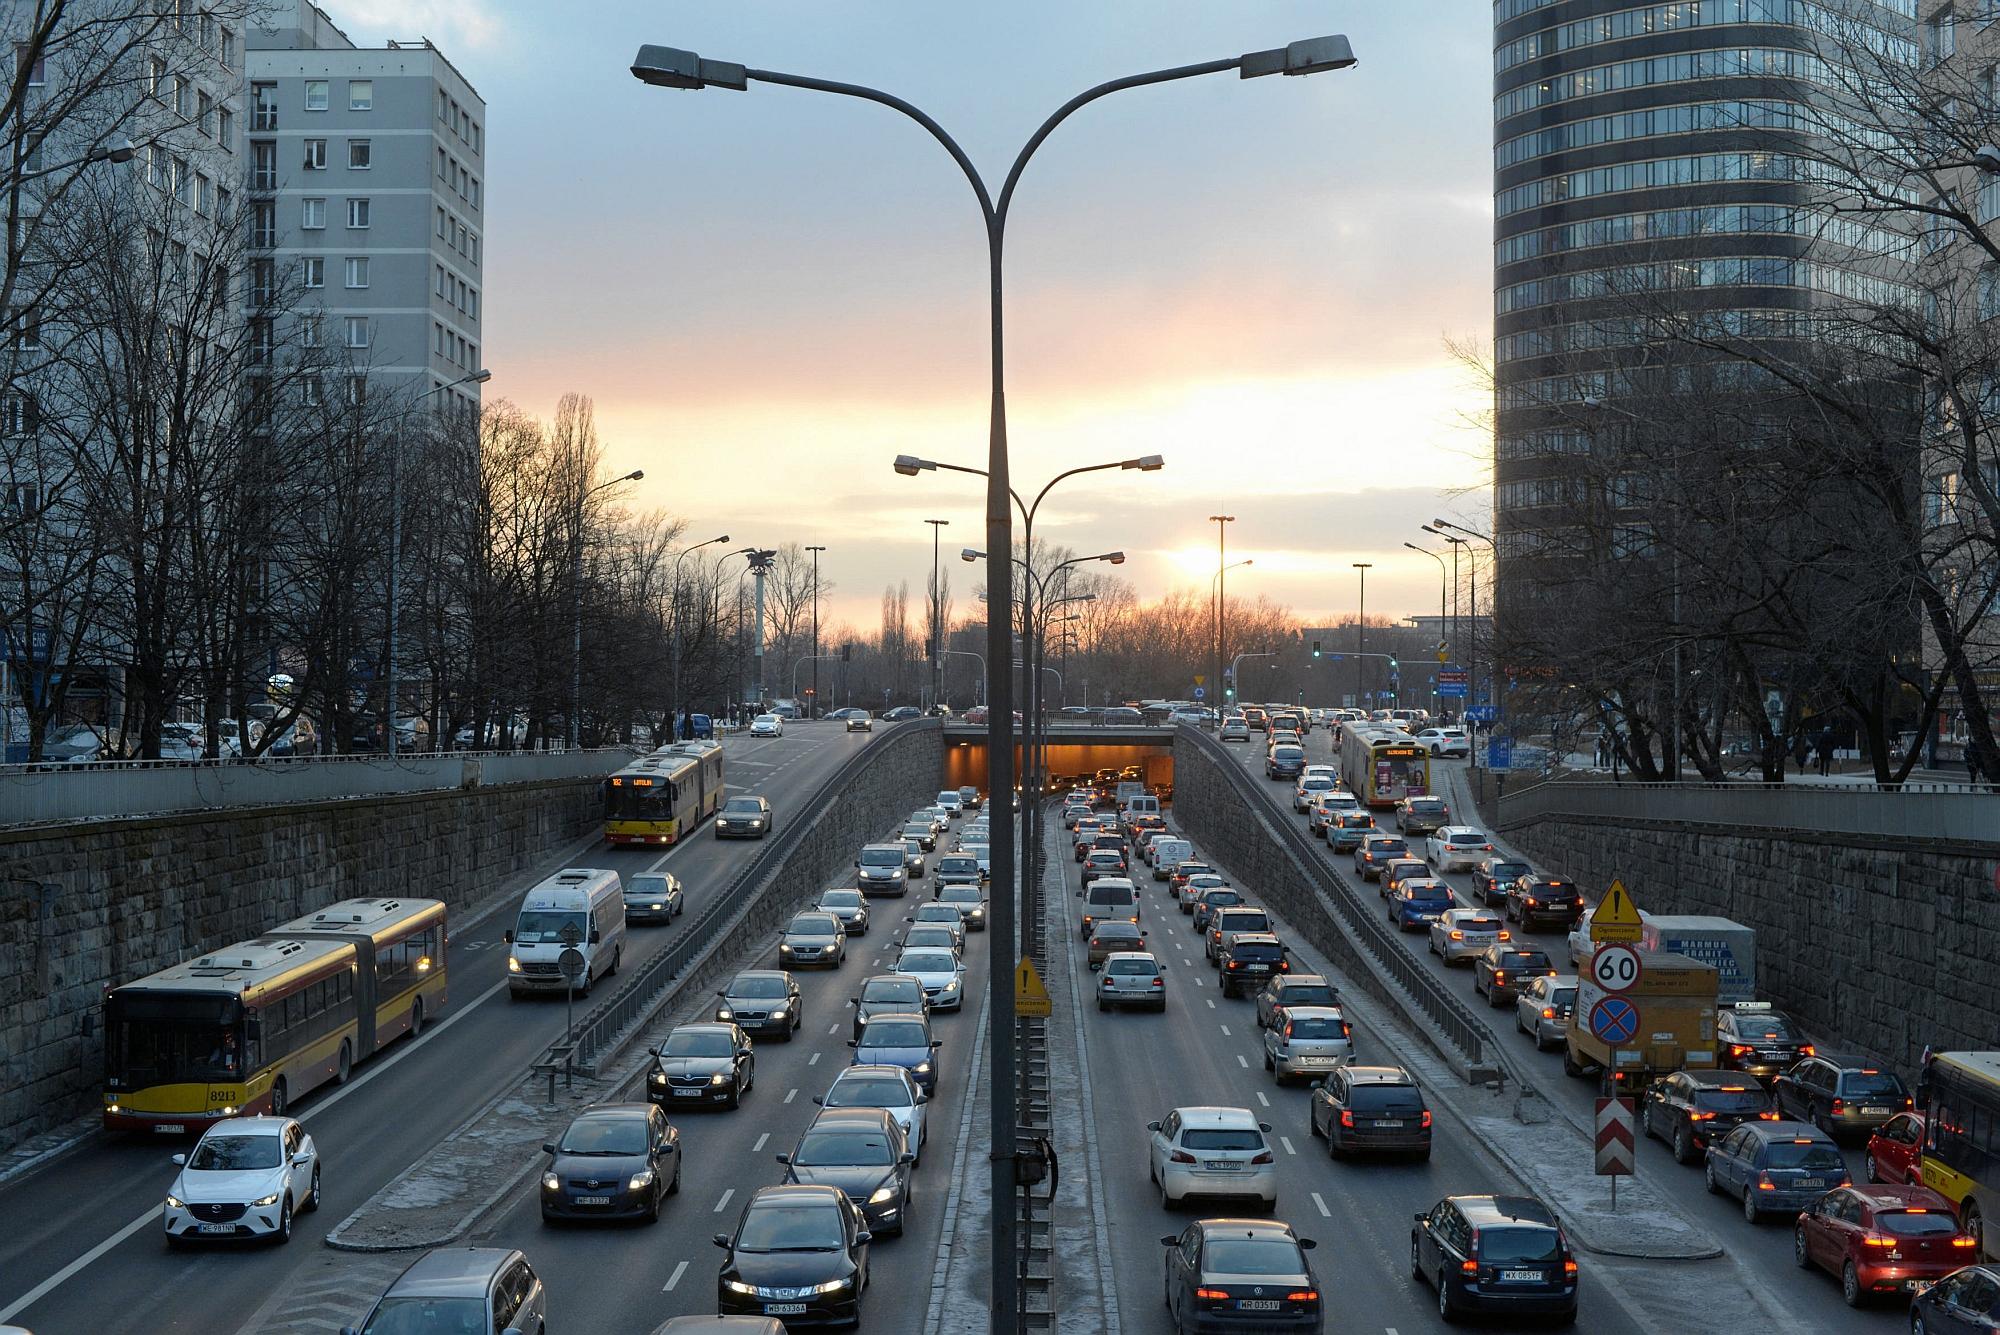 Warszawa. Korek w godzinach szczytu (fot. Maciek Jaźwiecki / Agencja Gazeta)